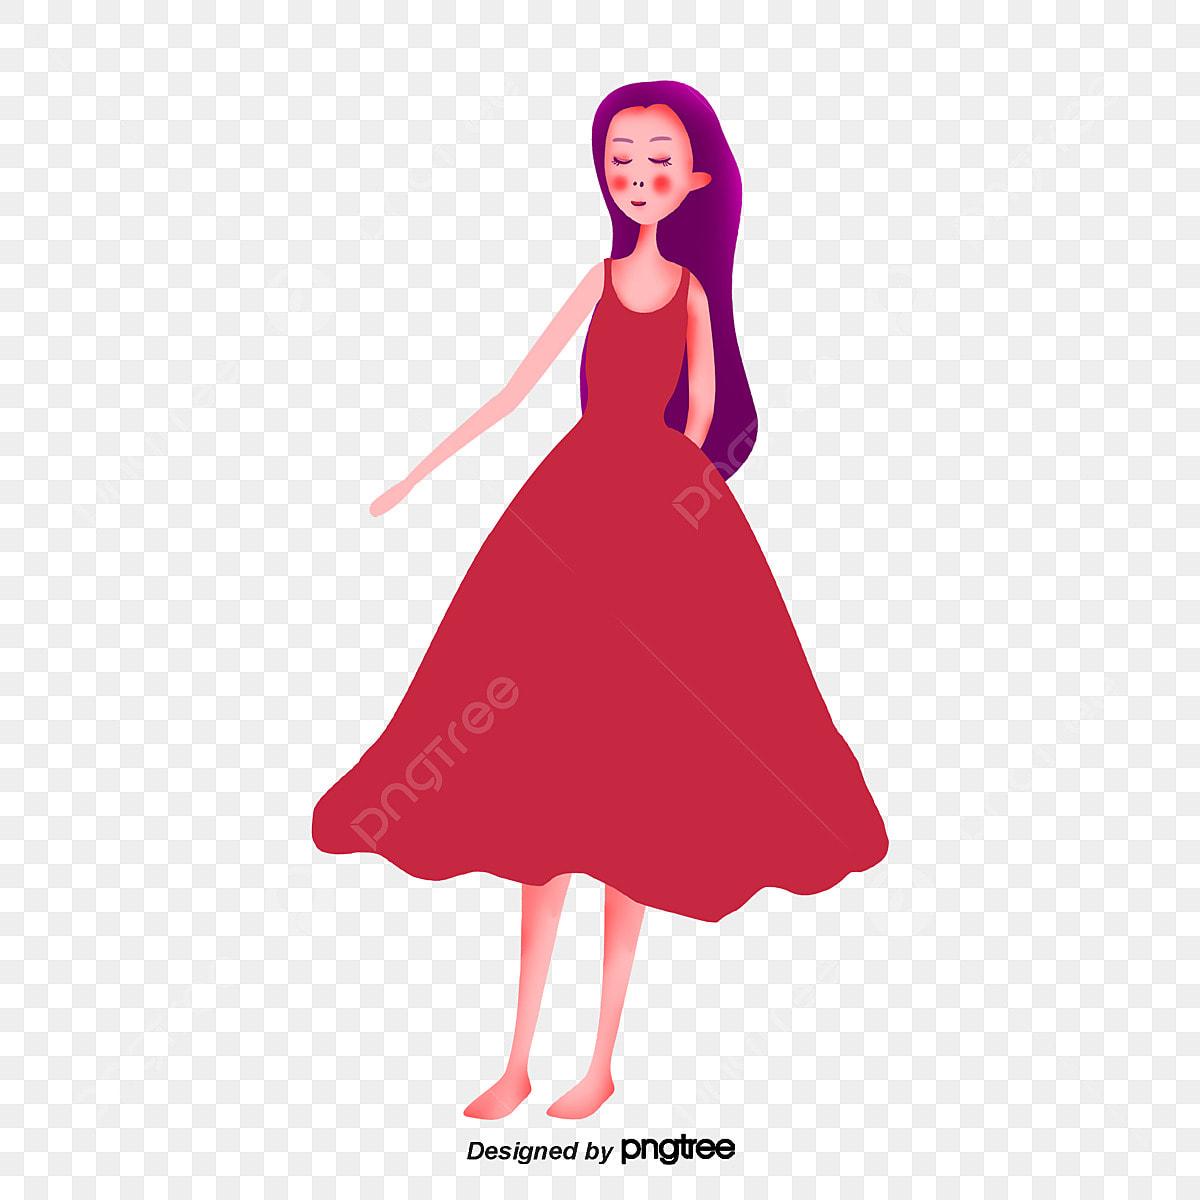 La Chica Del Vestido Rojo Elemento Cartel Encantador